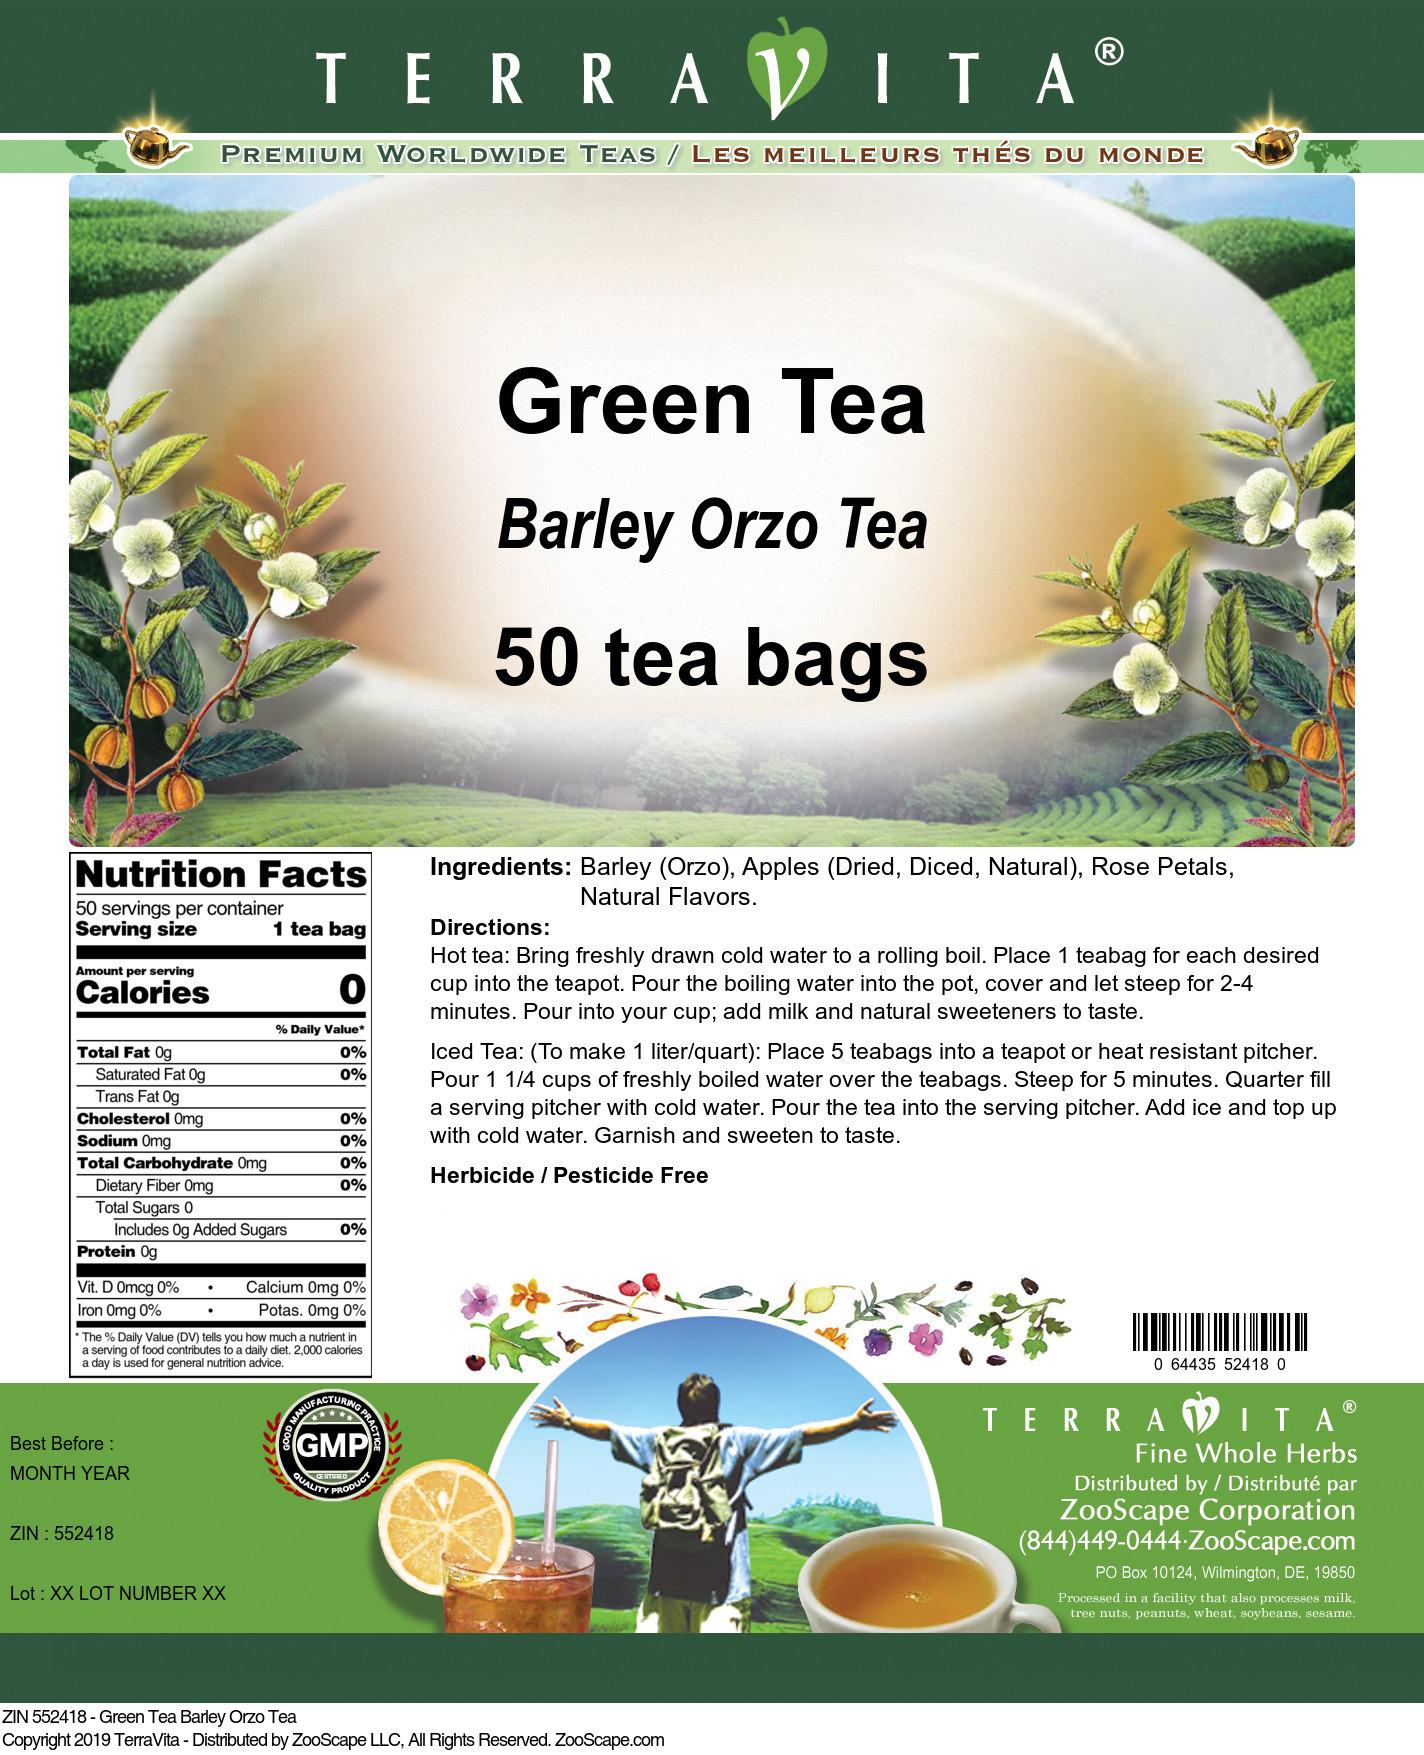 Green Tea Barley Orzo Tea